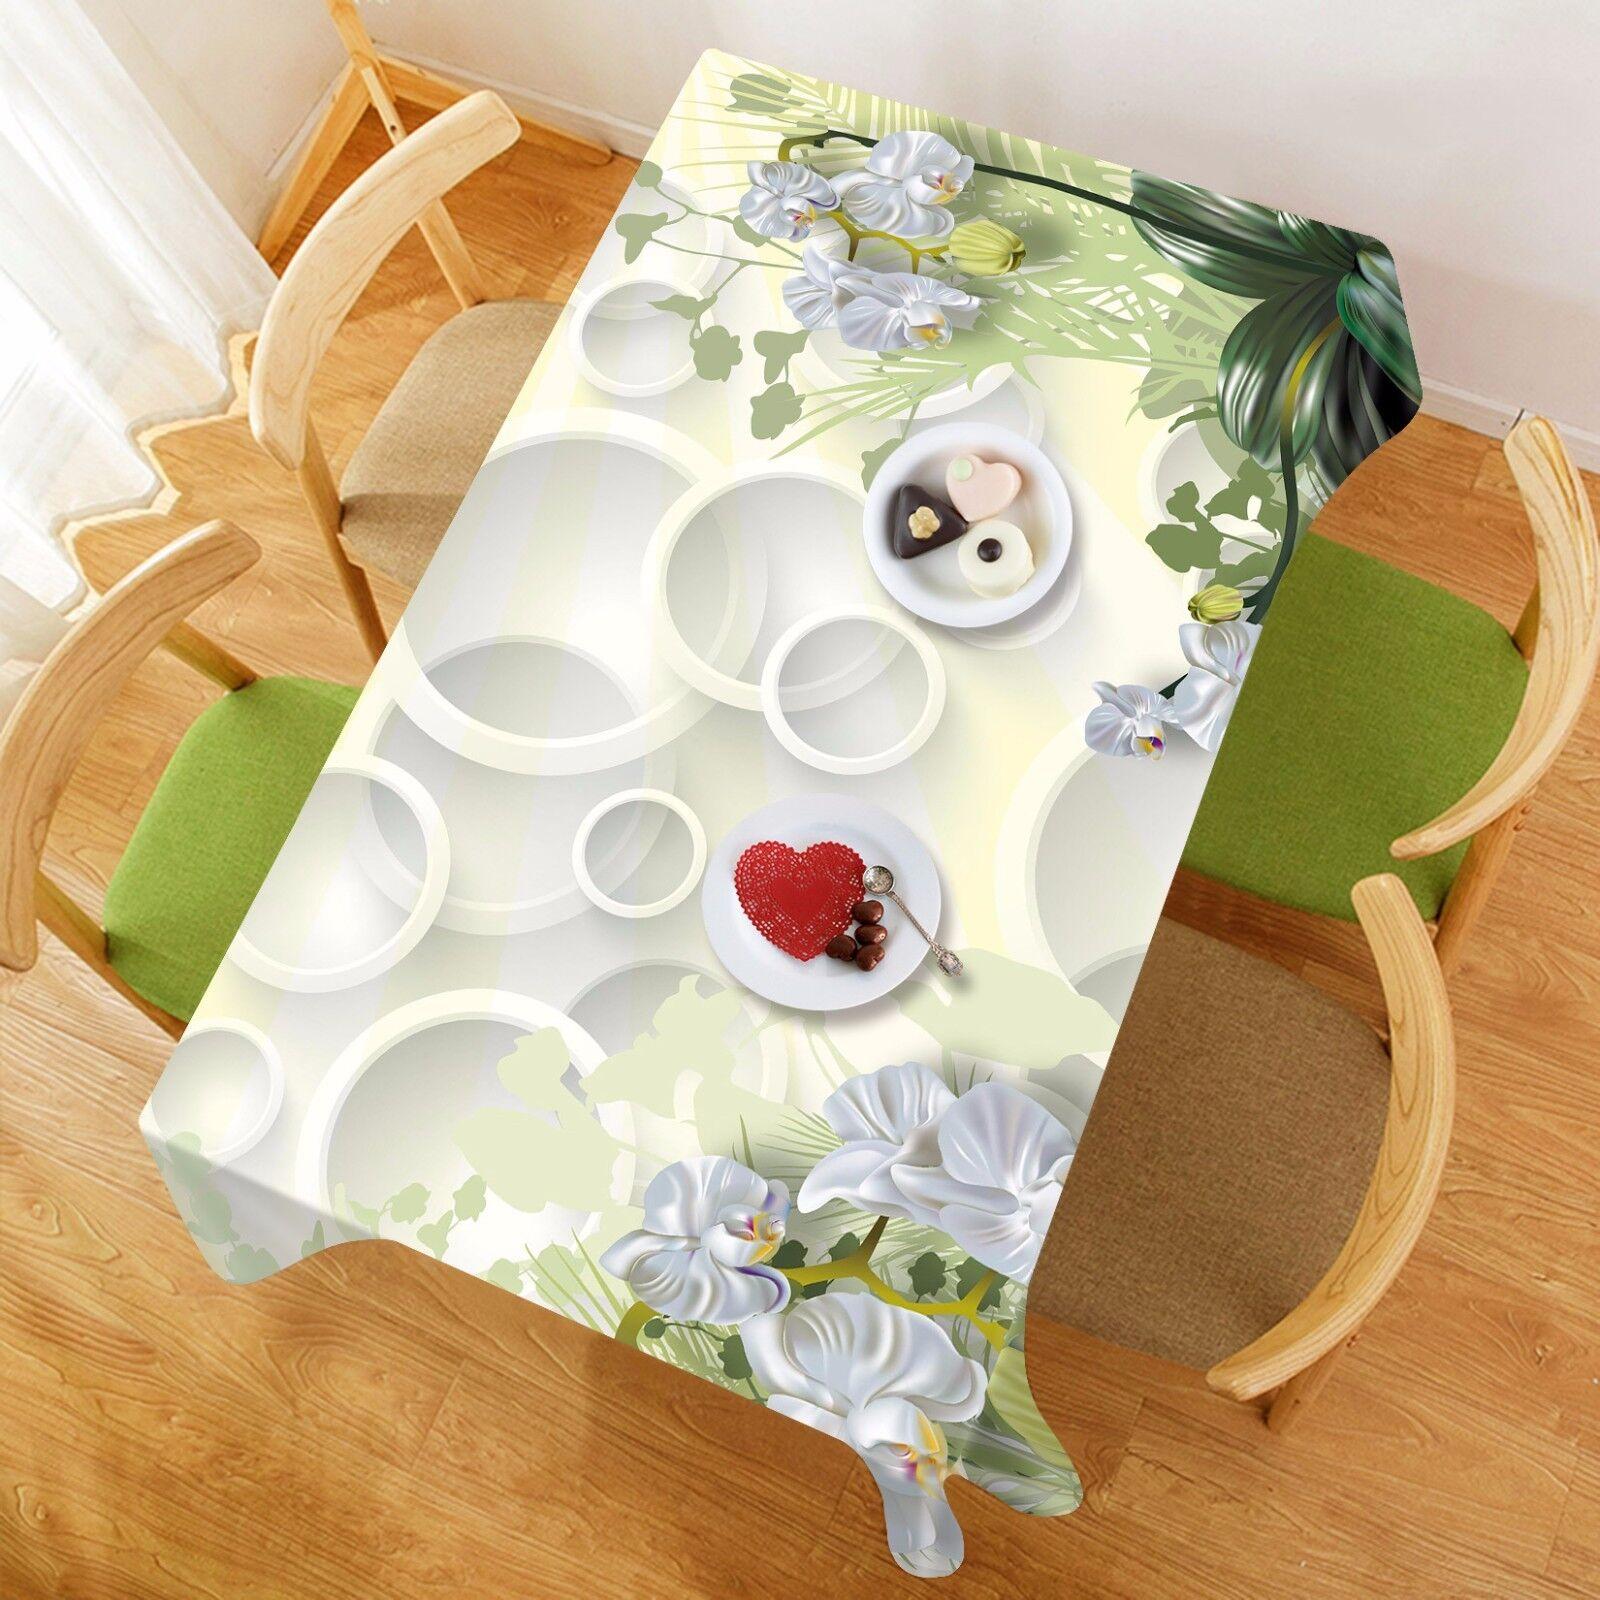 3D Arbres 7832 Nappe Table Cover Cloth Fête D'Anniversaire événement AJ papier peint UK